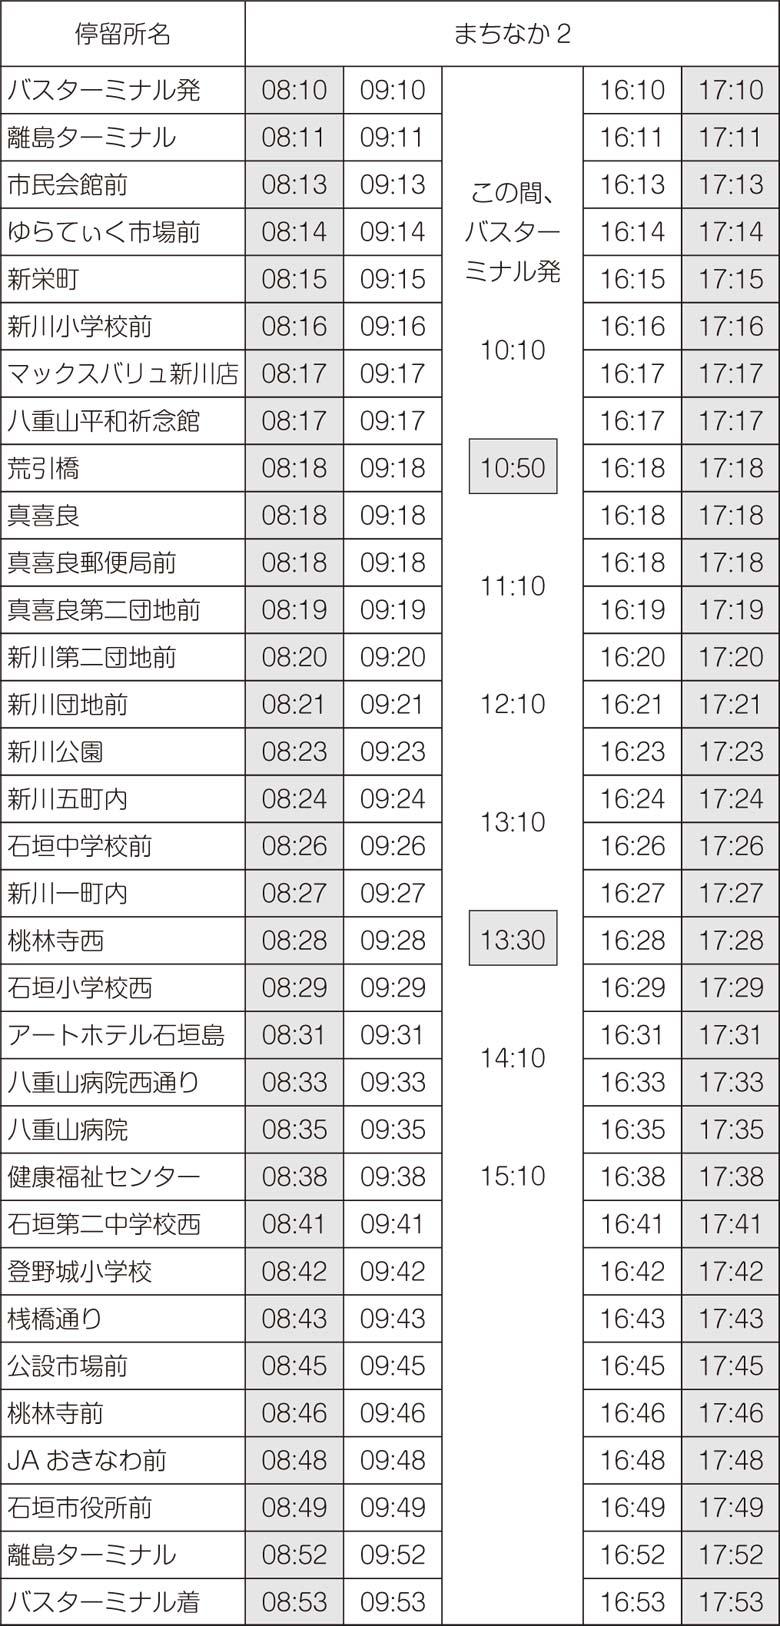 jikoku_machinaka2